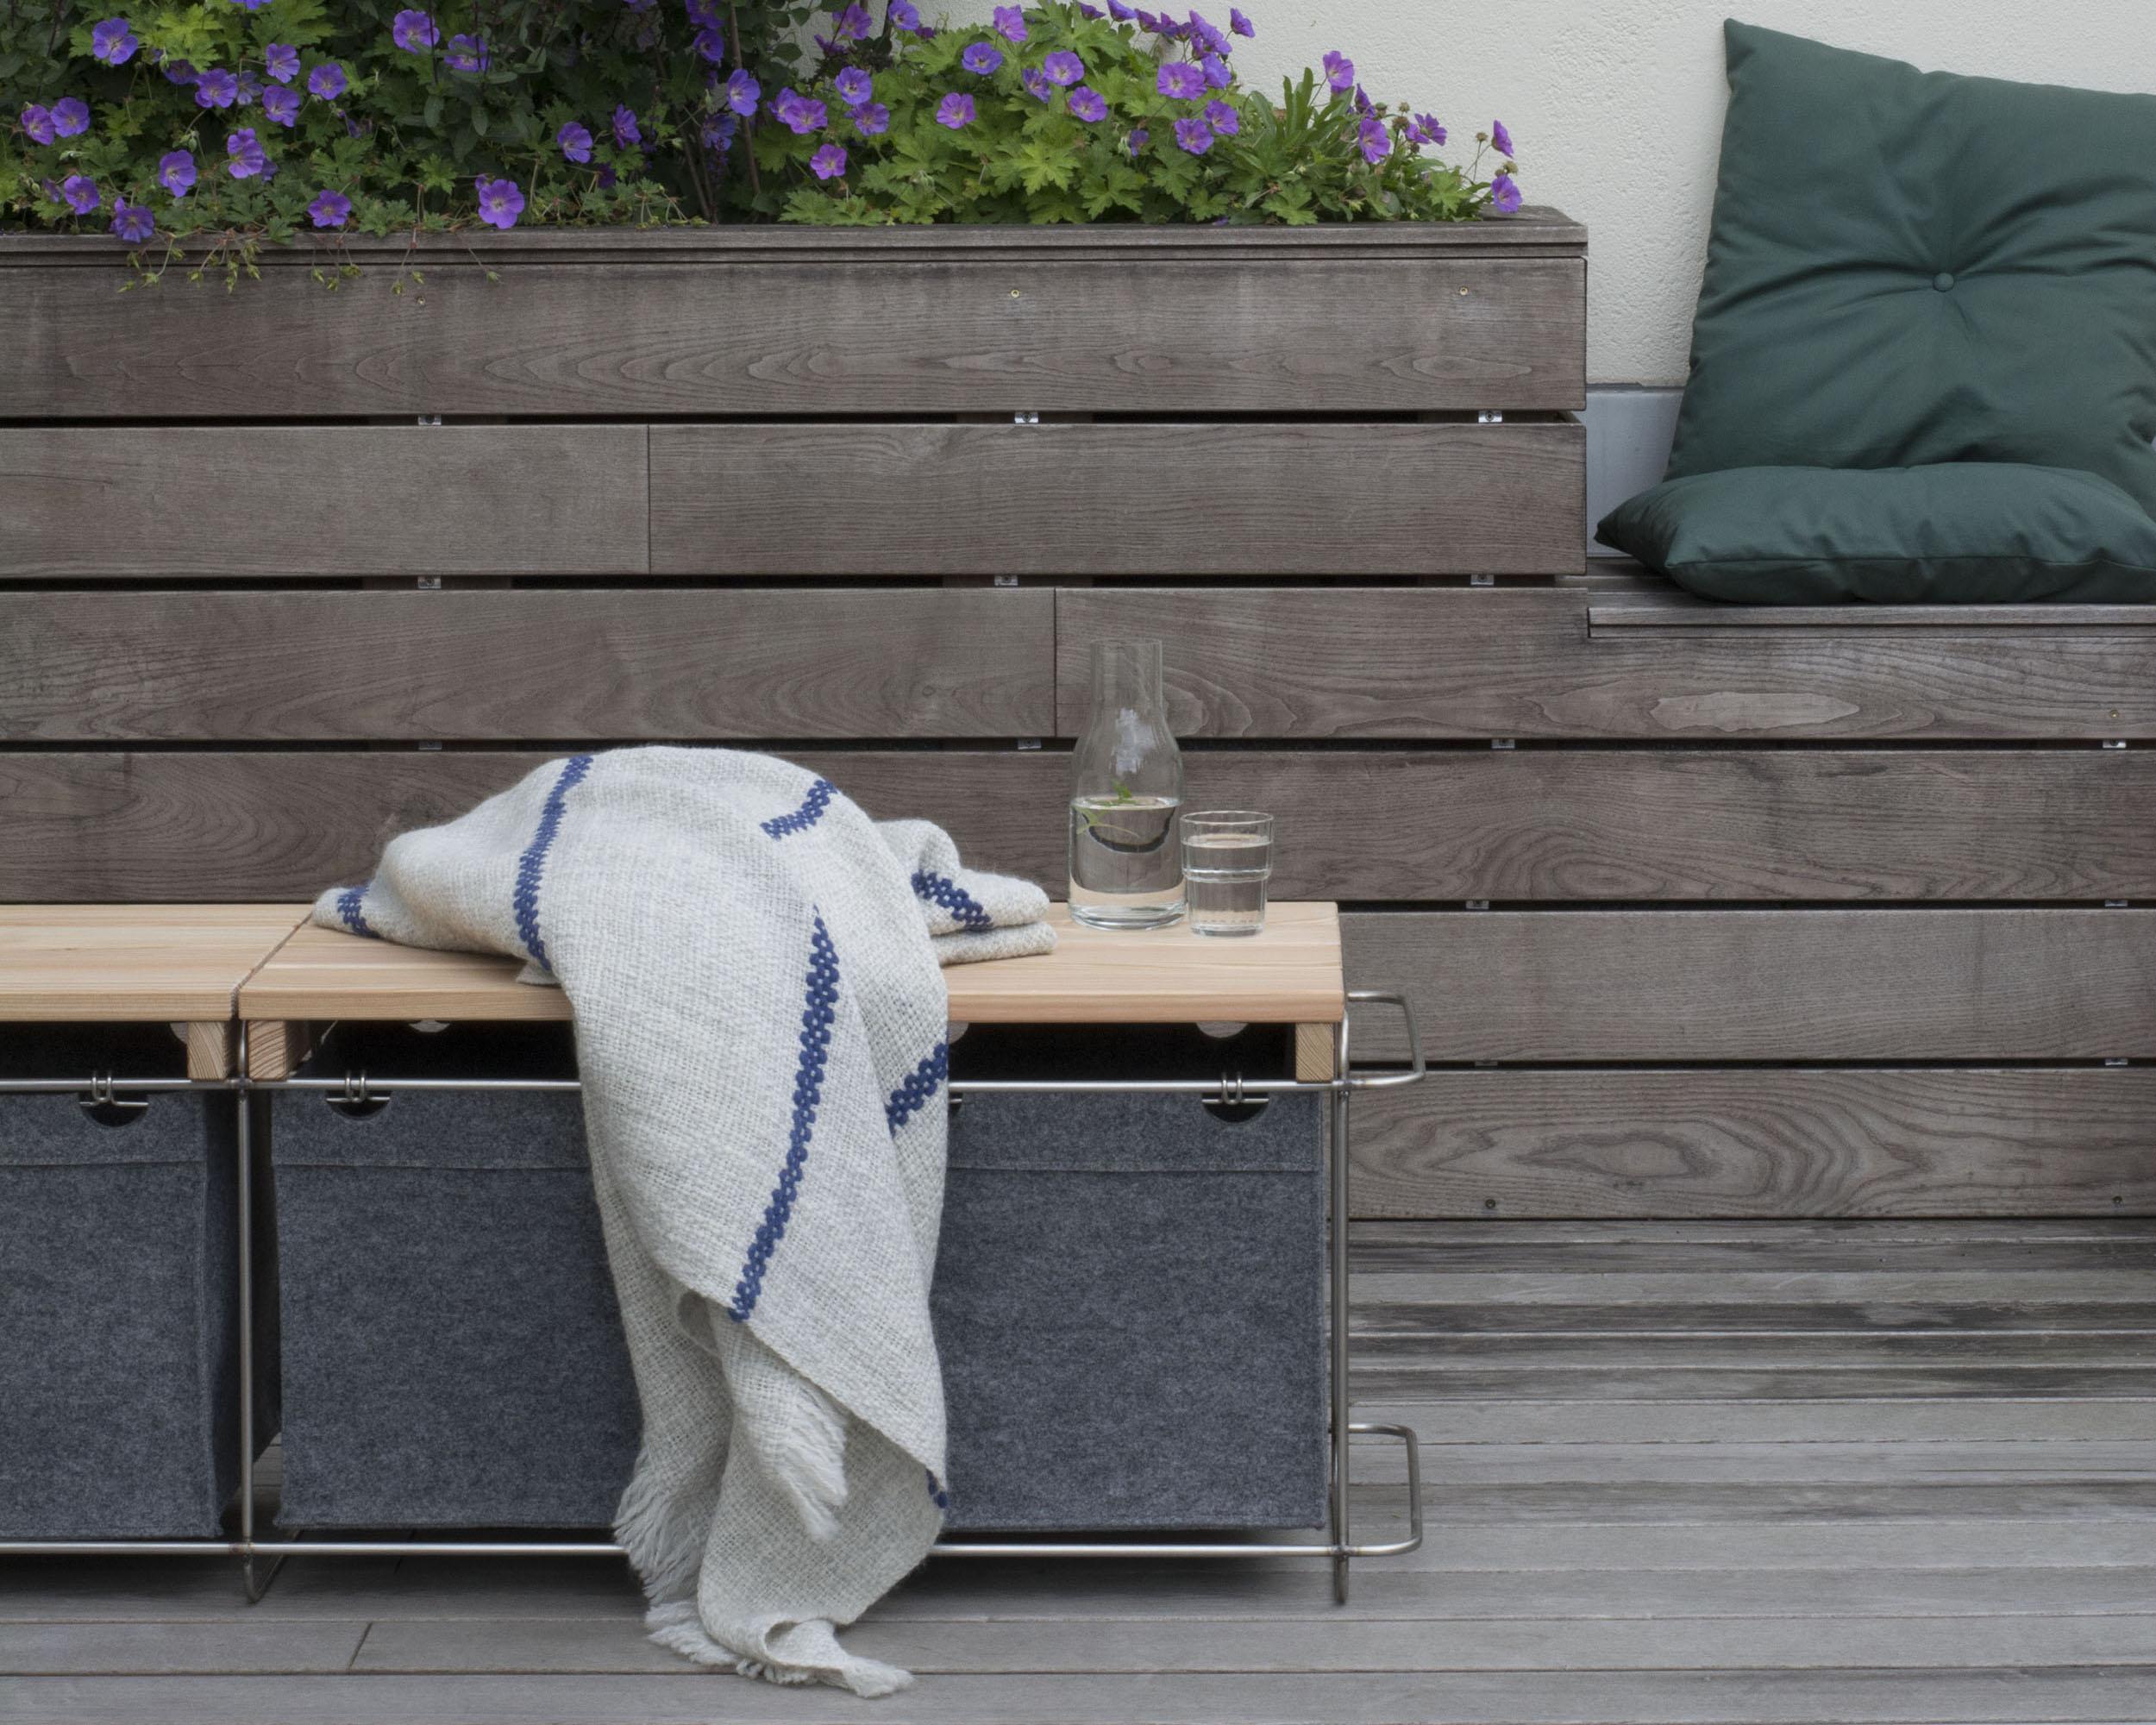 Grit Sitzmöbel für Terrasse, Balkon oder Garten